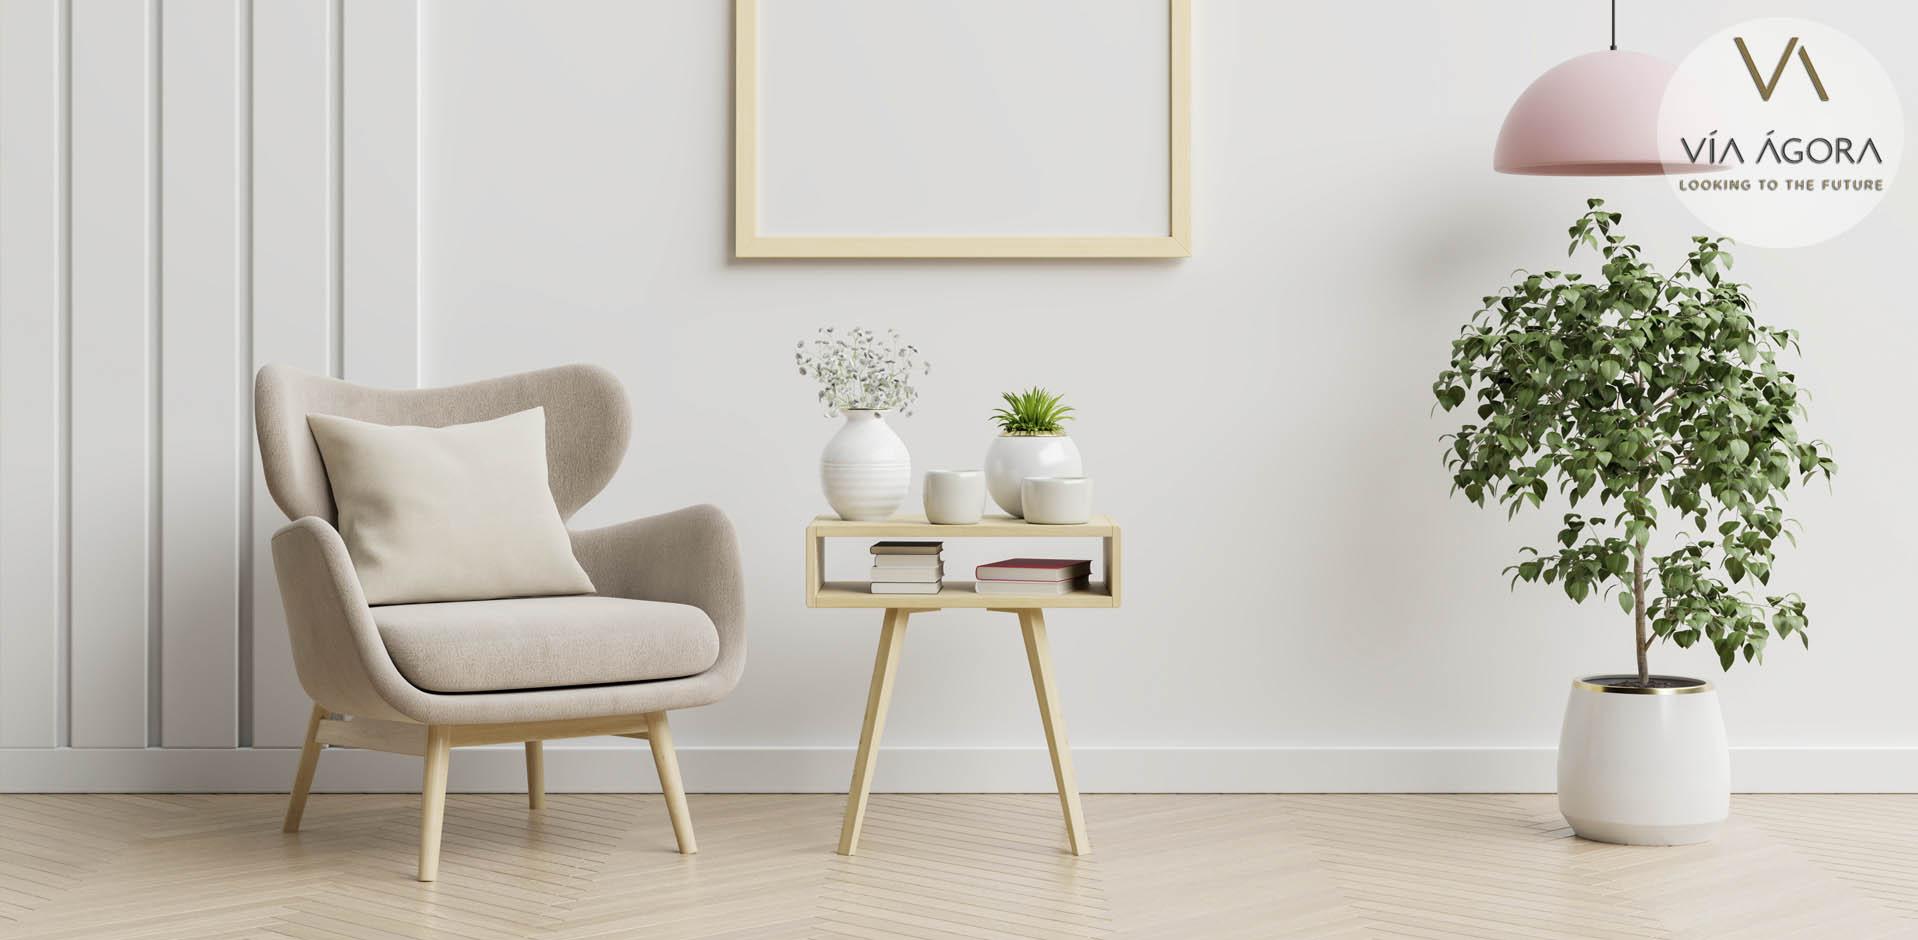 via agora - promotora inmobiliaria - decoración sostenible 2